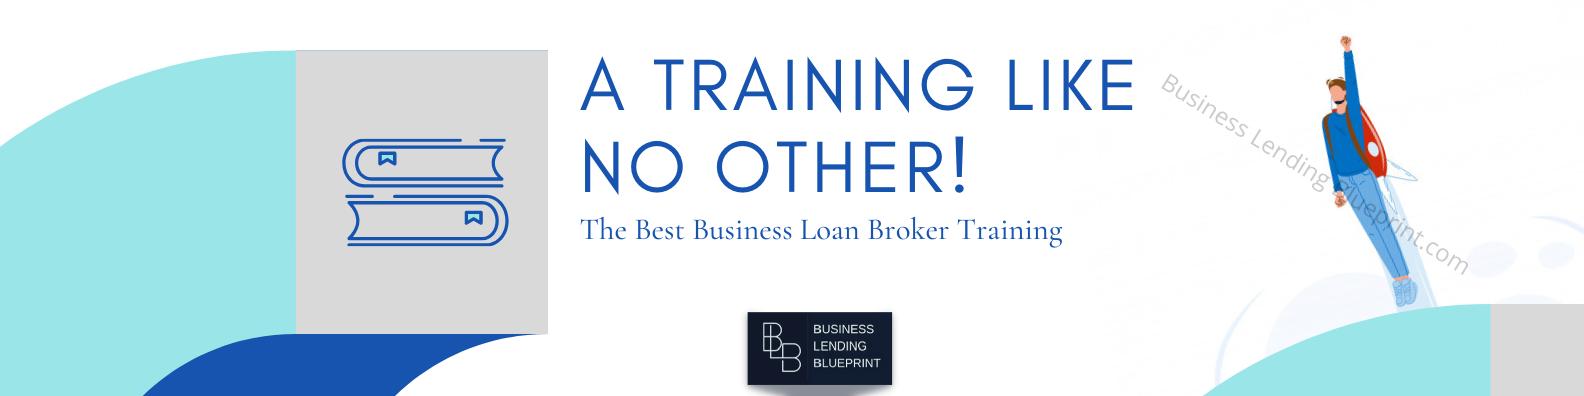 business Loan broker training